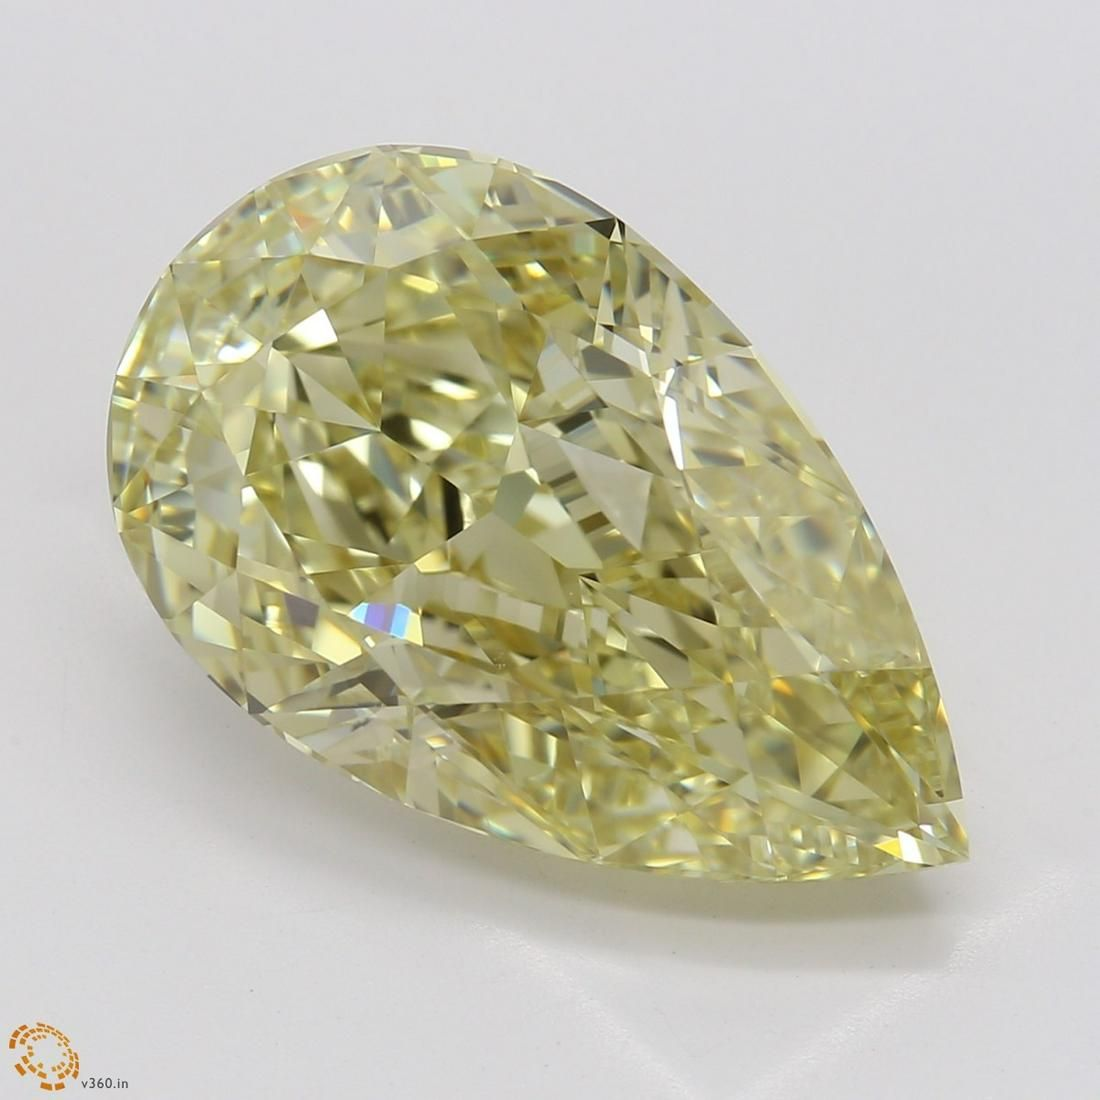 6.21 ct, Brn. Yellow/IF, Pear cut GIA Graded Diamond